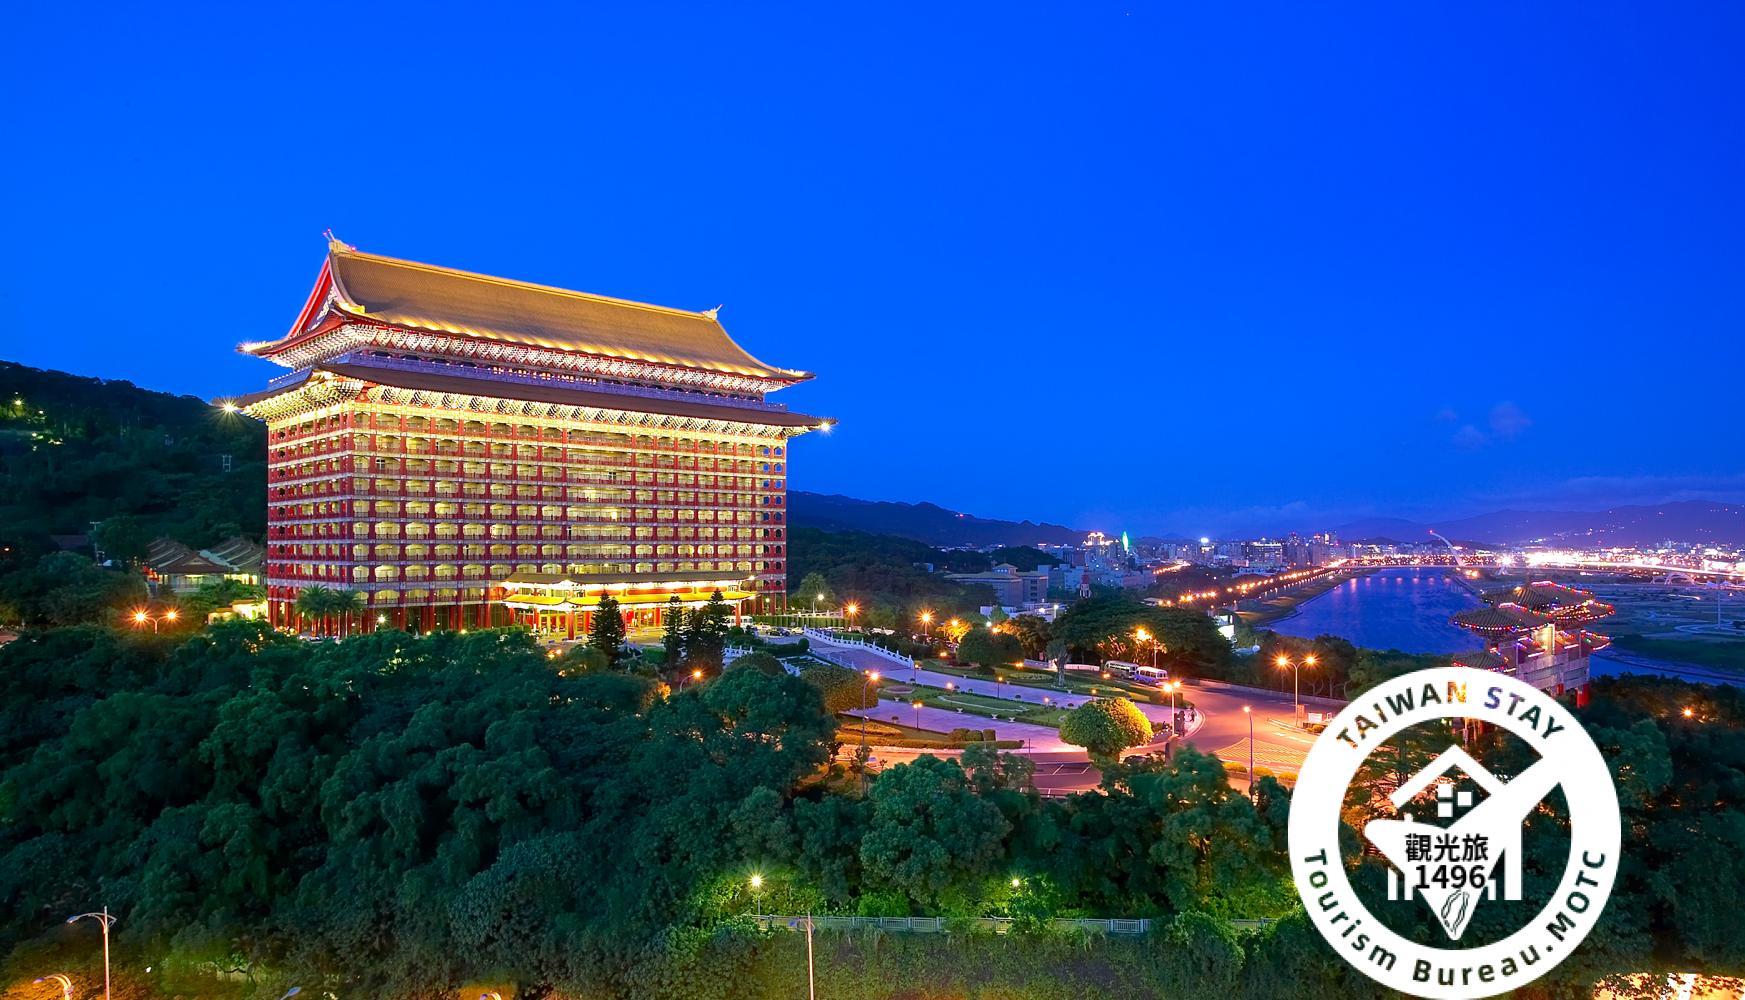 タイペイグランドホテル(圓山大飯店)